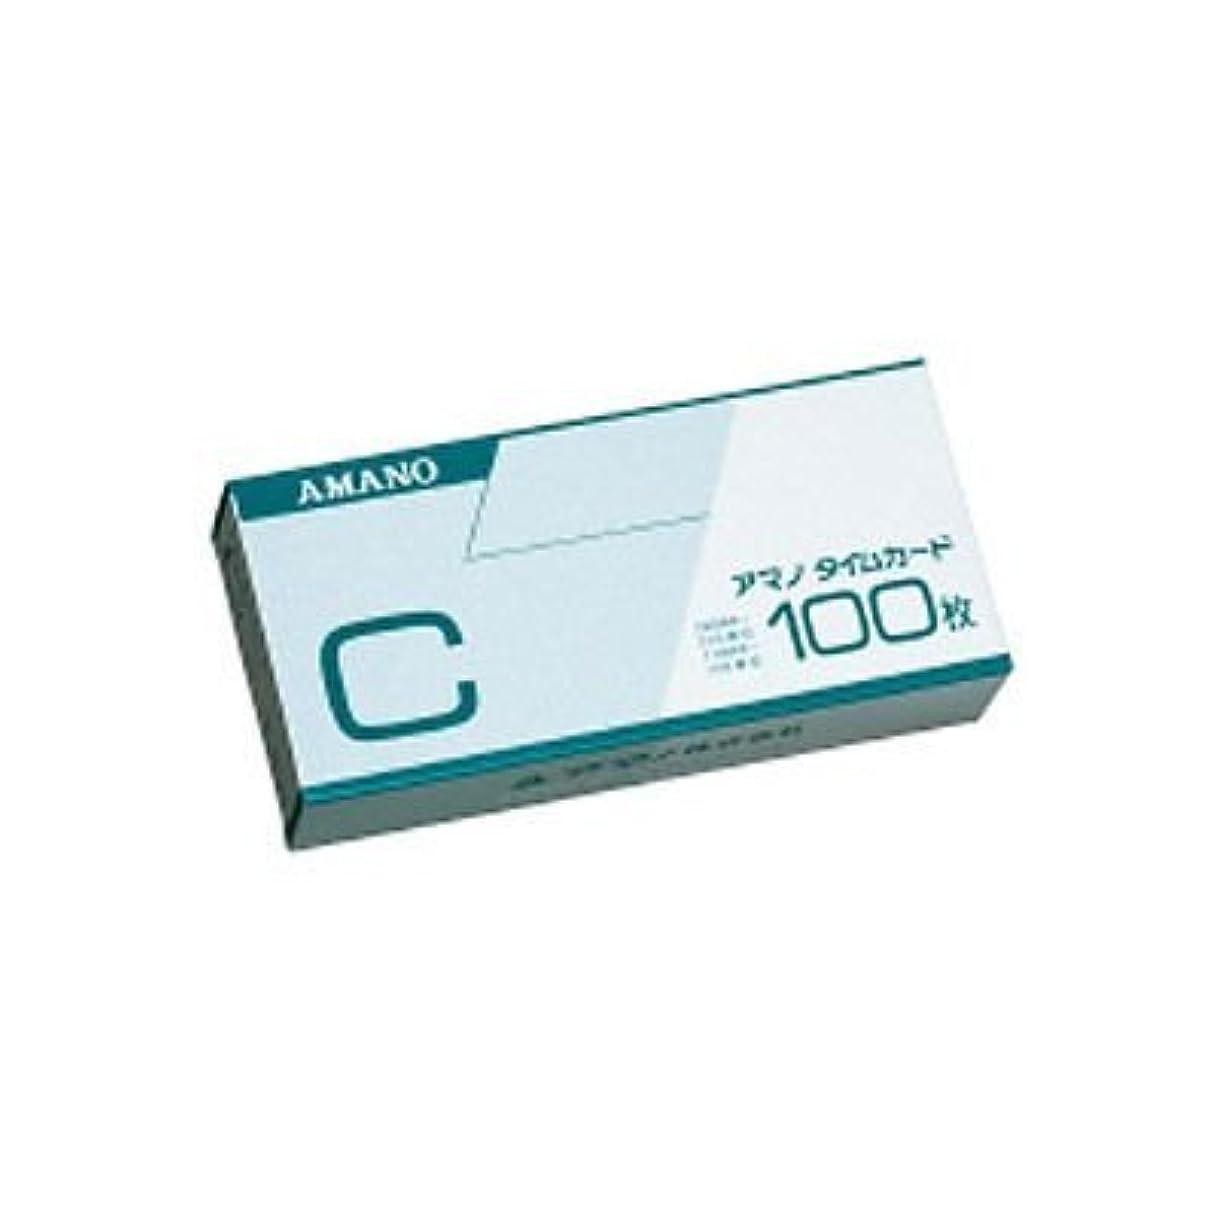 牛肉実験室保持アマノ タイムカード 25日?10日締切 1箱(100枚入) C?-??/52523151